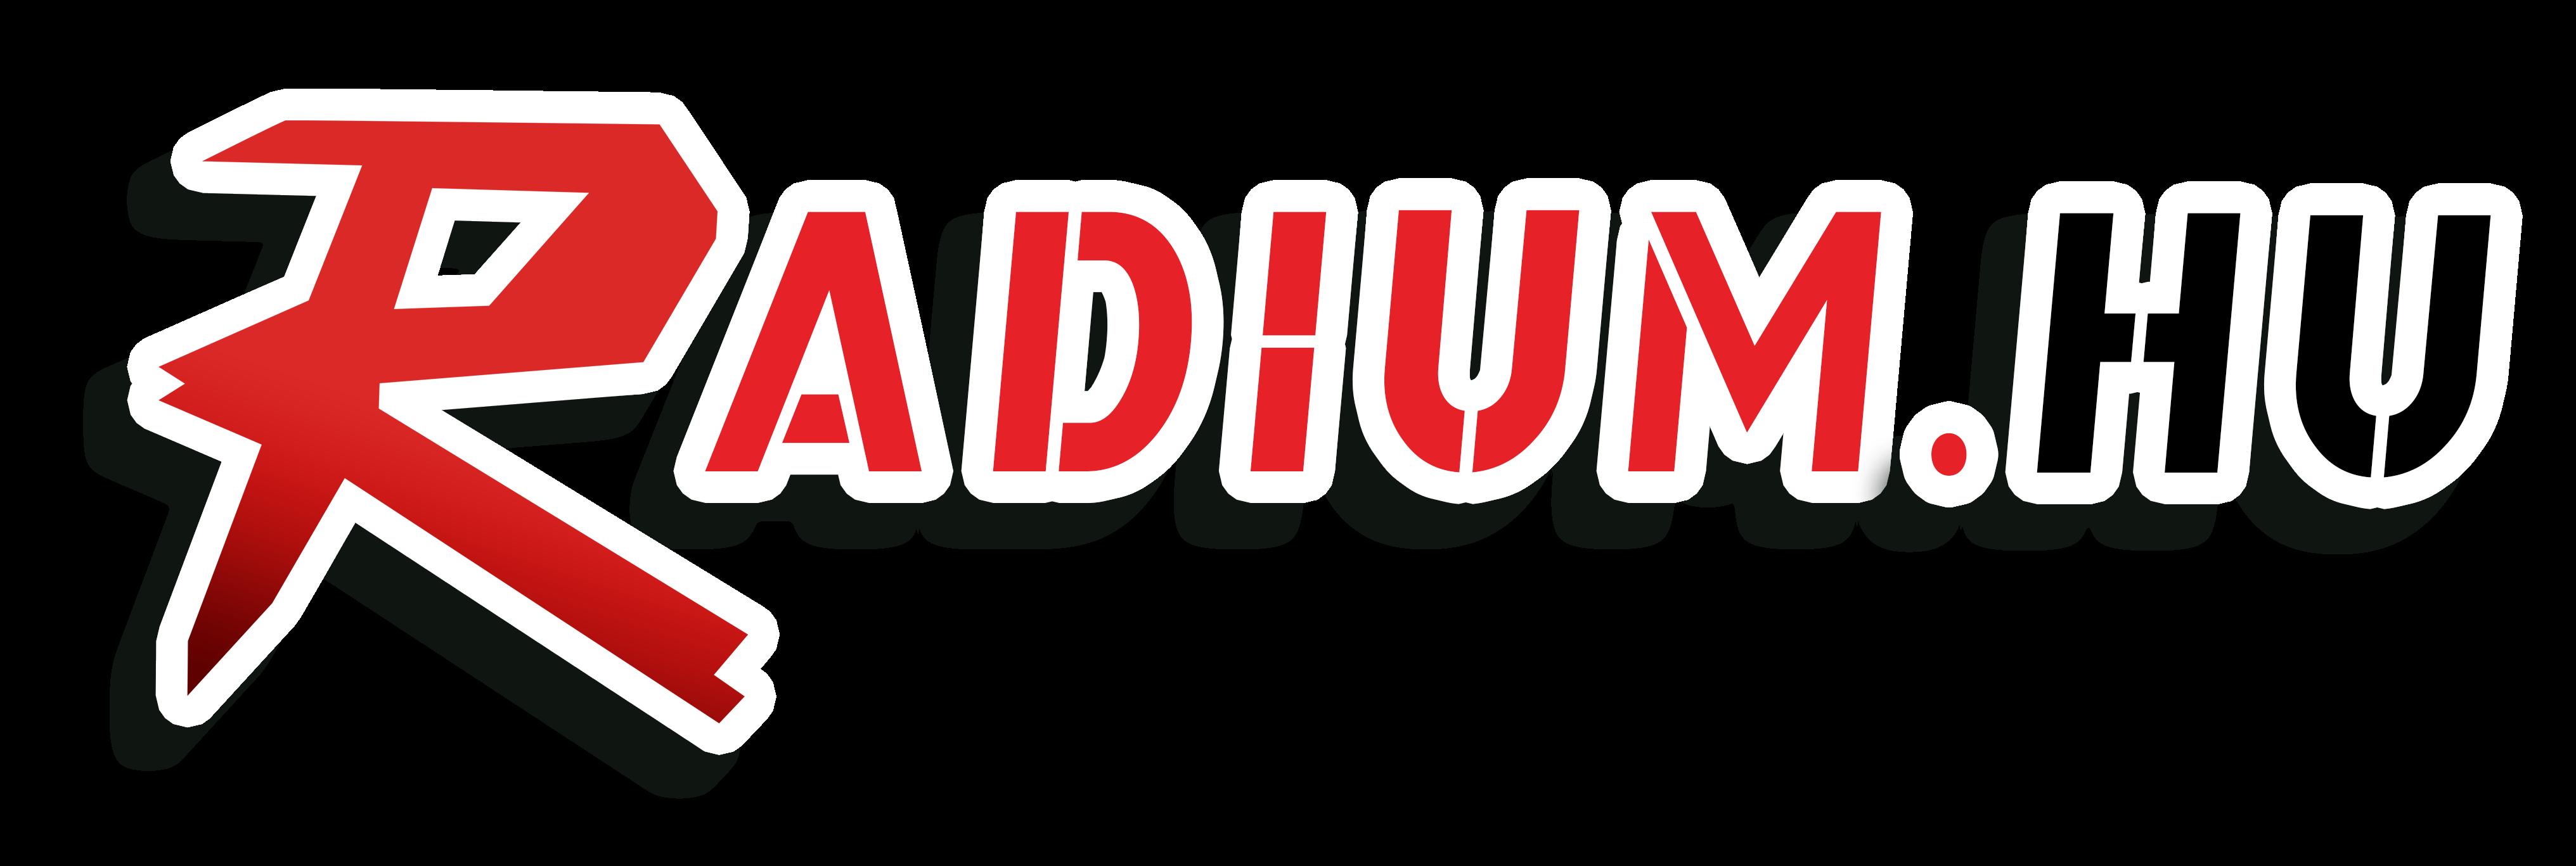 radium-keszletkisopres